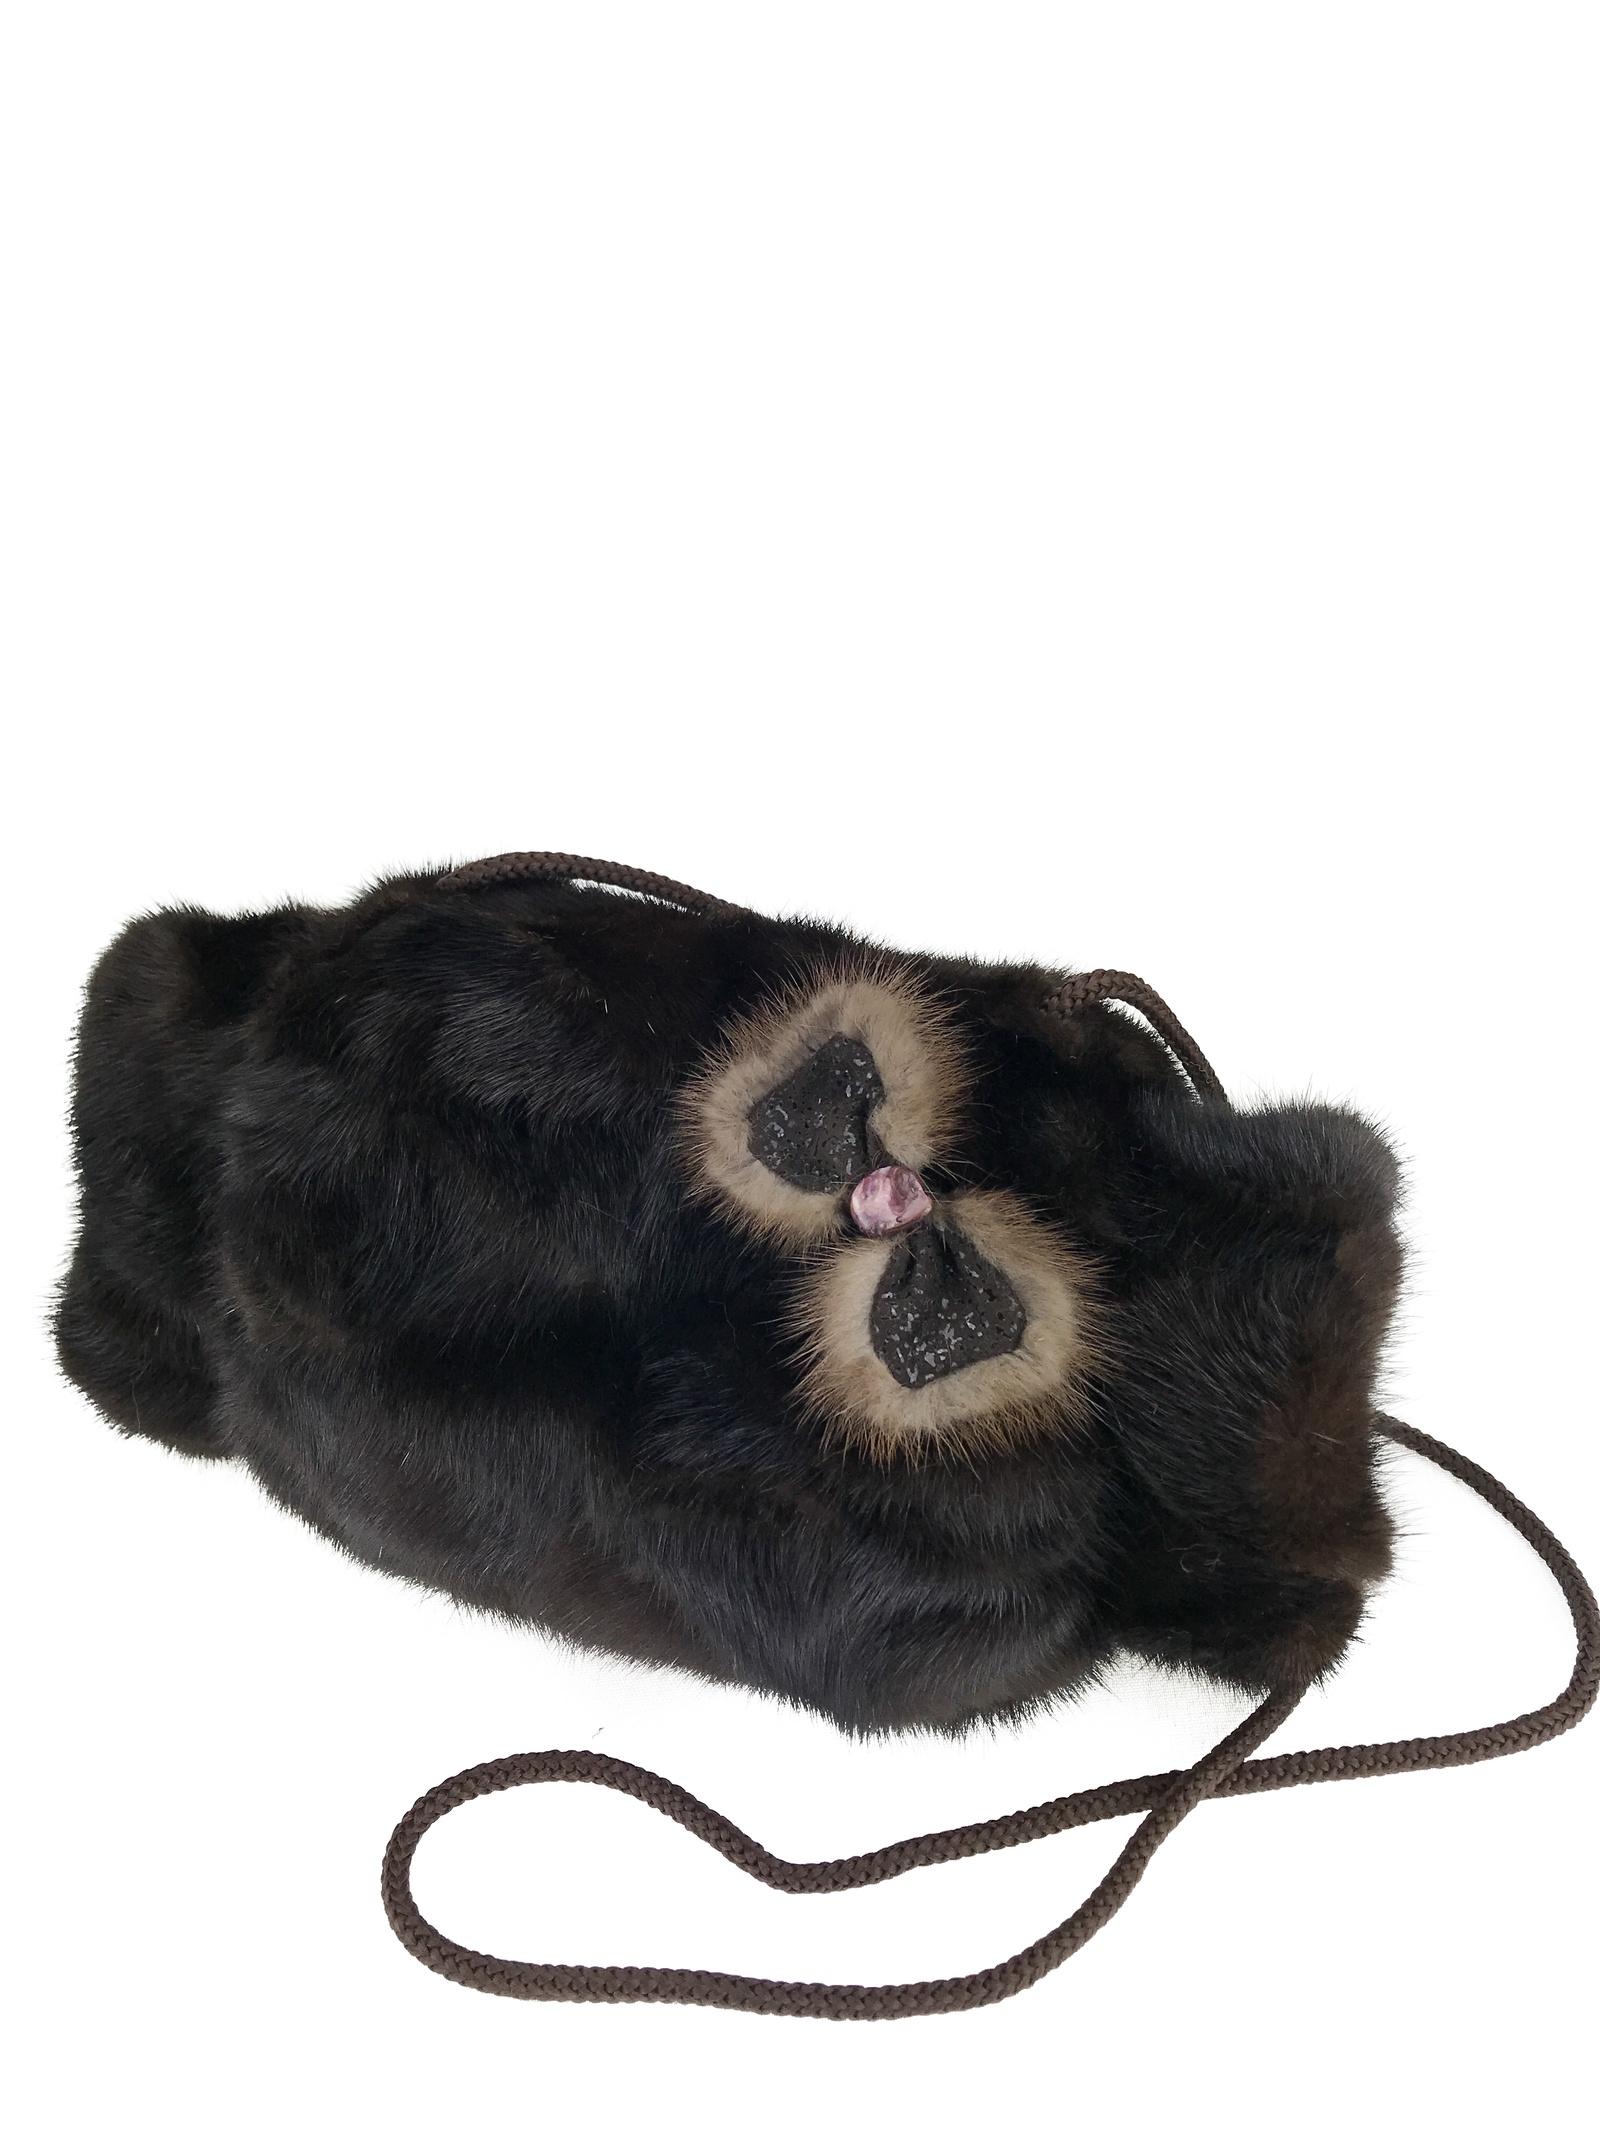 Муфта/кольцо для платка бижутерное Mex-style Муфта, темно-коричневый 12storeez сумка из меха норки темно коричневая